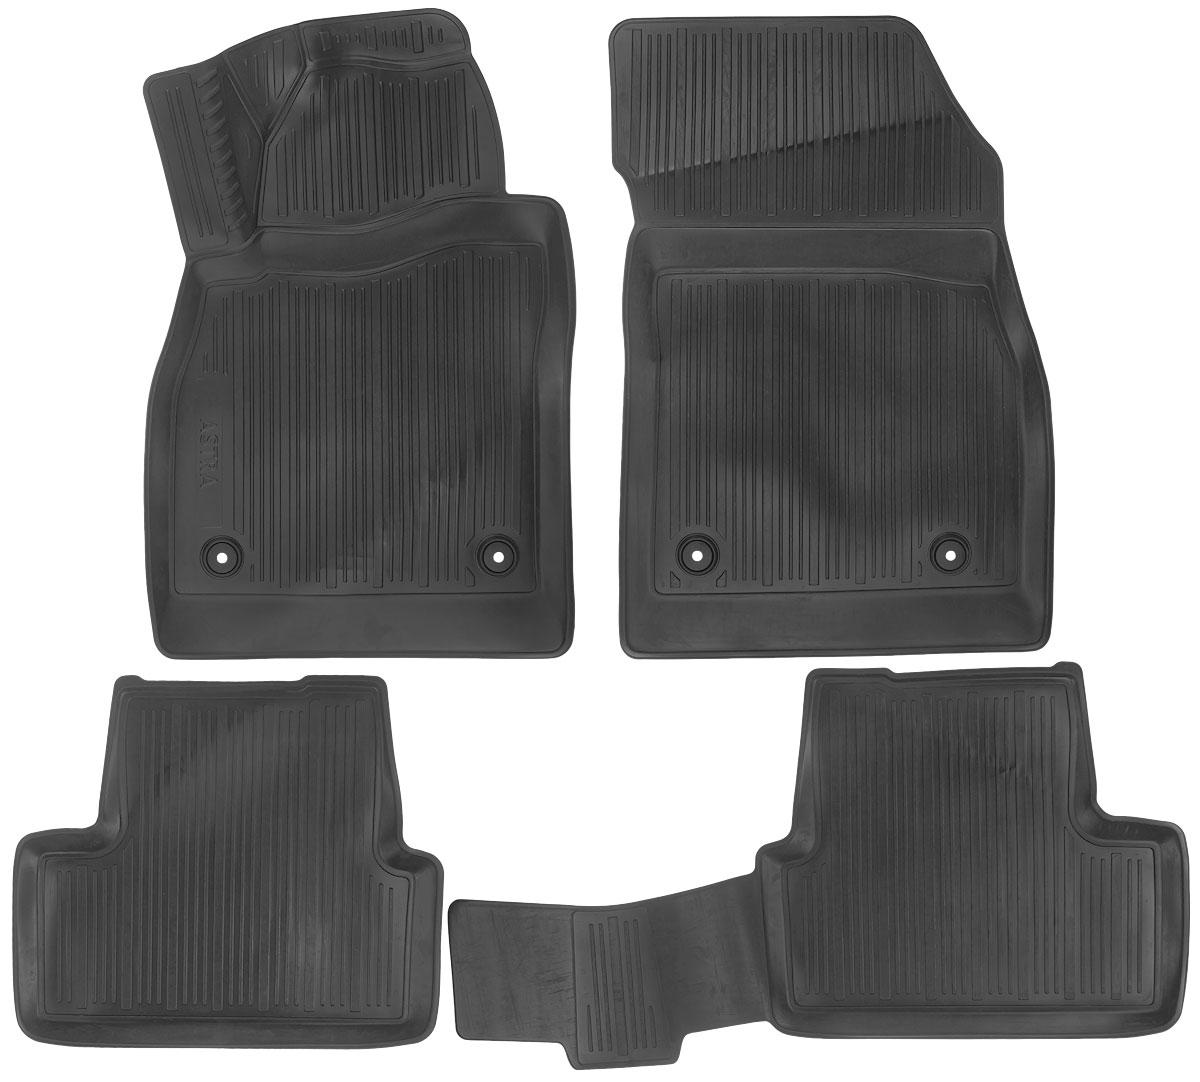 Набор автомобильных ковриков L.Locker Opel Astra J Hatchback 2009, в салон, 4 штFS-80264Набор L.Locker Opel Astra J Hatchback 2009, изготовленный из полиуретана, состоит из 4 антискользящих 3D ковриков, которые производятся индивидуально для каждой модели автомобиля. Изделие точно повторяет геометрию пола автомобиля, имеет высокий борт, обладает повышенной износоустойчивостью, лишено резкого запаха и сохраняет свои потребительские свойства в широком диапазоне температур от -50°С до +50°С.Комплектация: 4 шт.Размер ковриков: 80 см х 53 см; 53 см х 45,5 см; 93 см х 46 см; 81 см х 53 см.